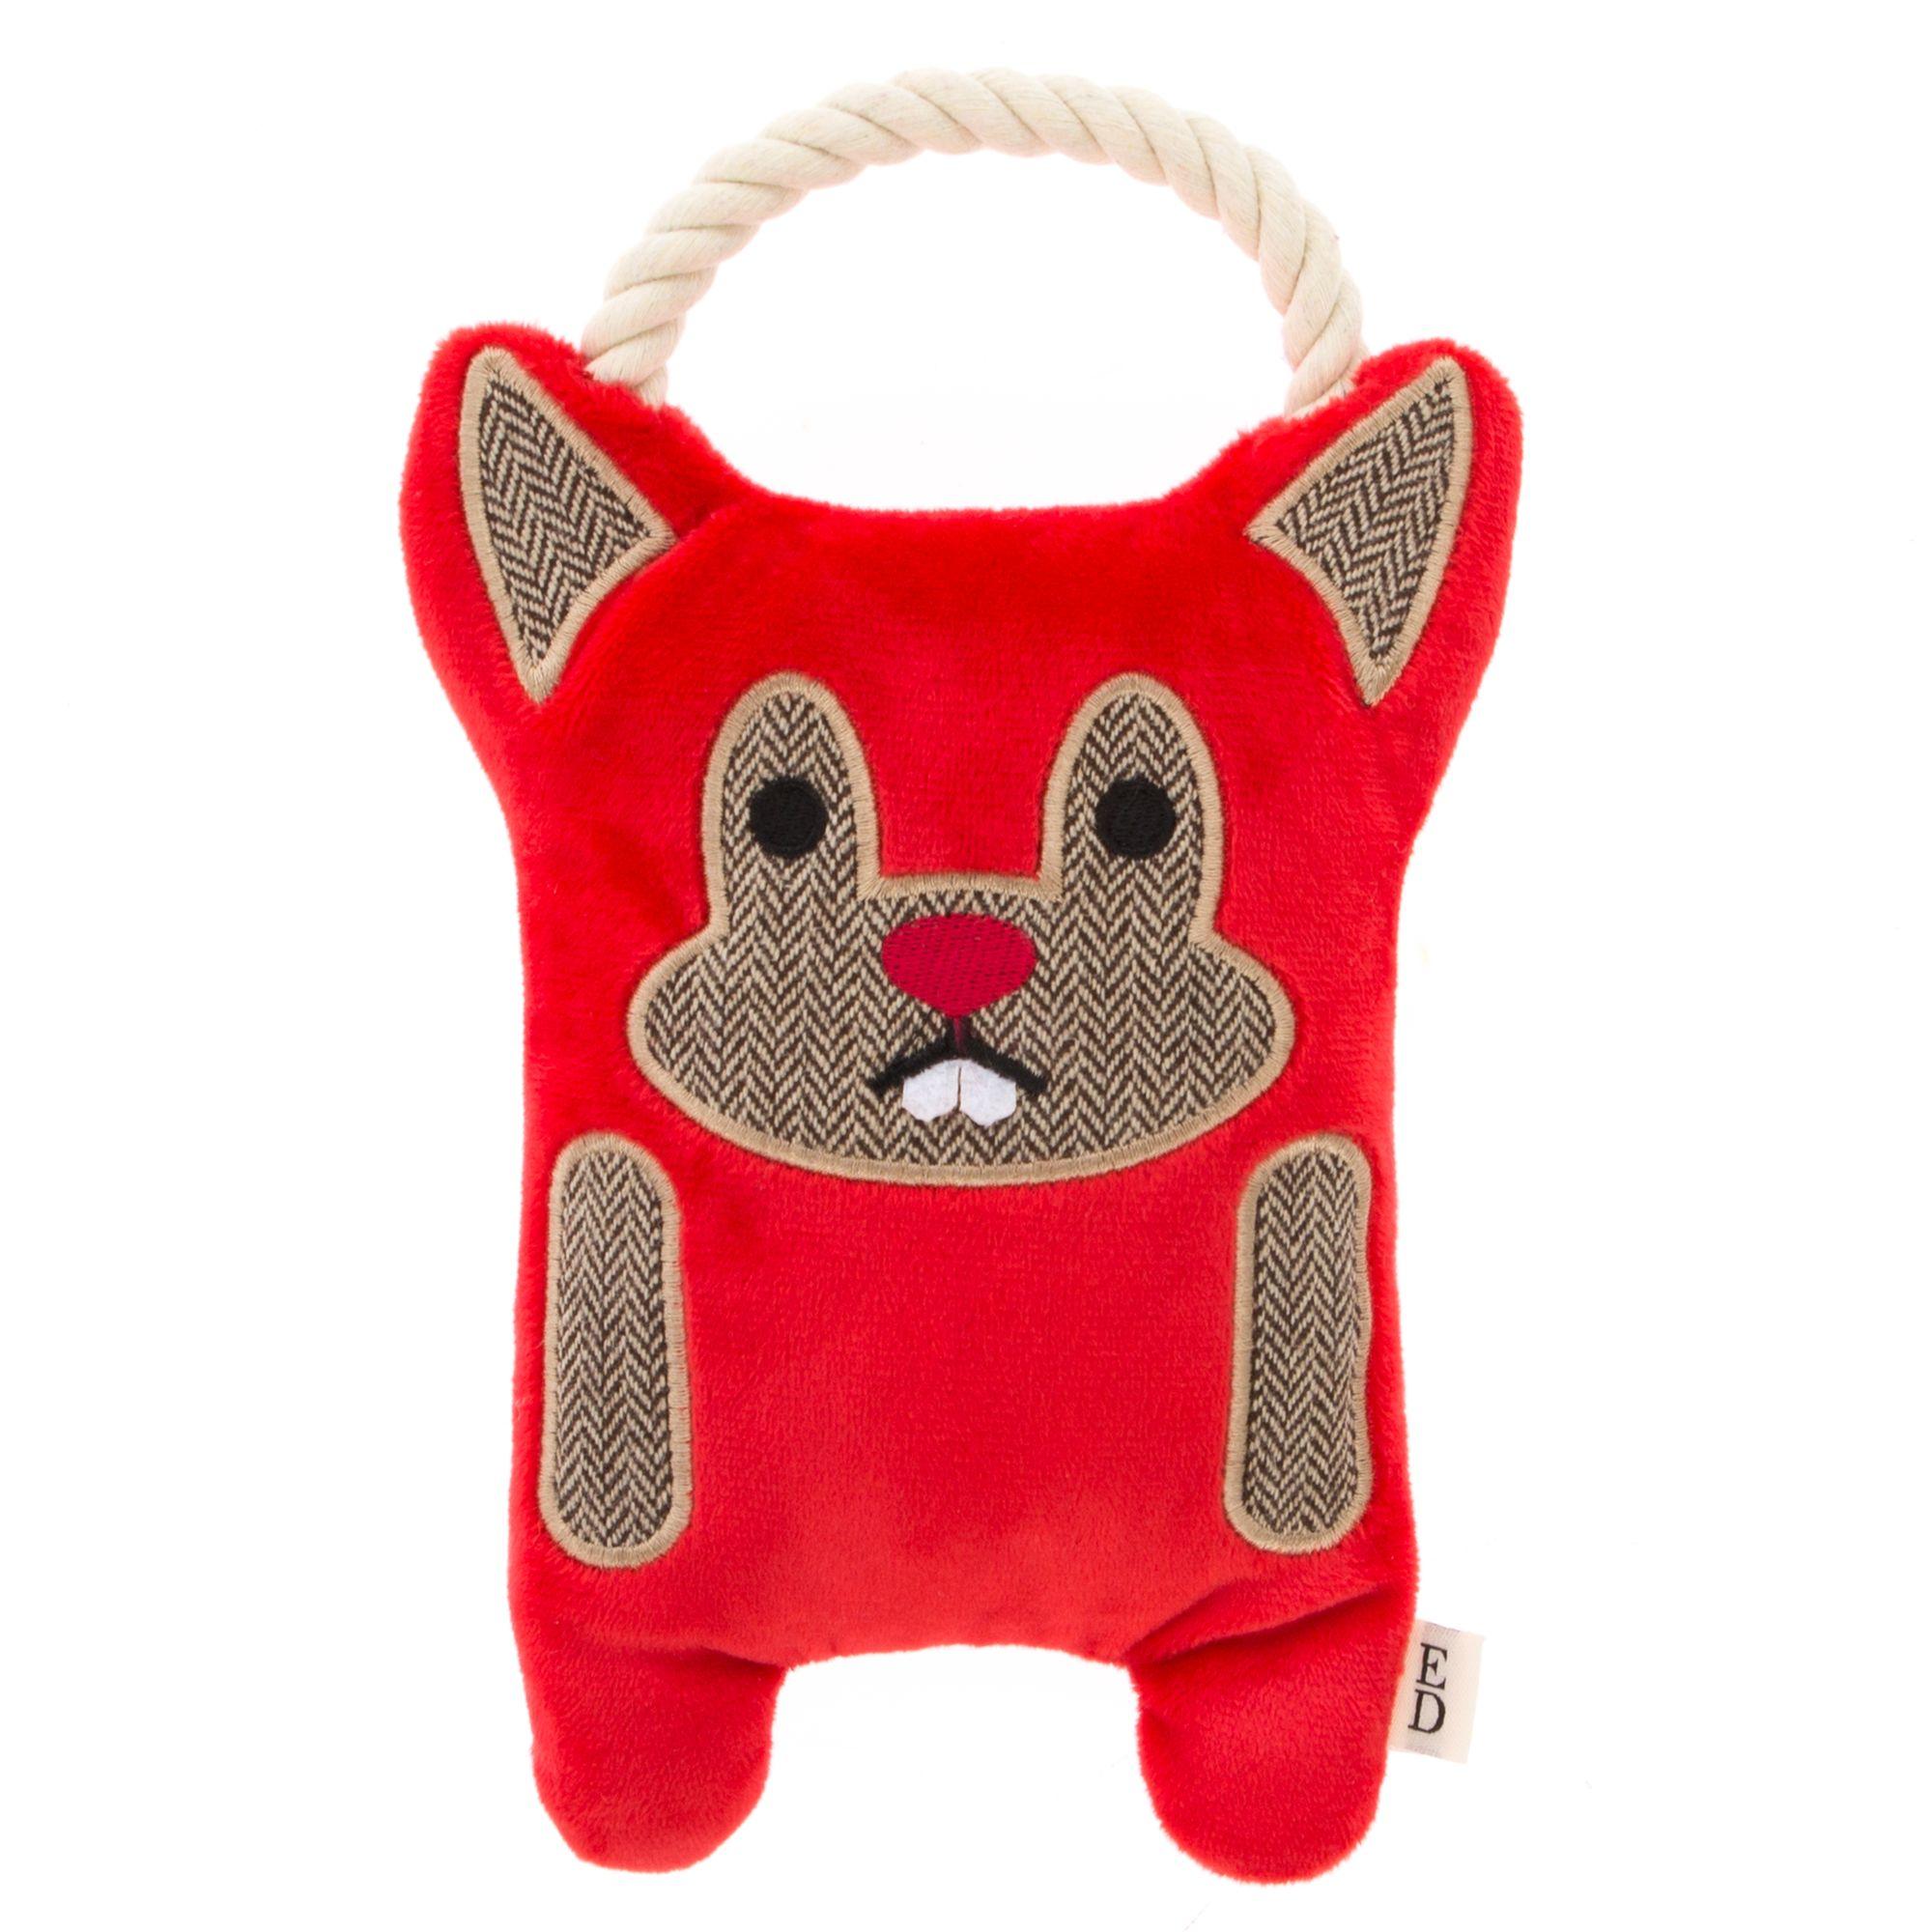 Ed Ellen Degeneres Beaver Dog Toy Plush Rope Squeaker